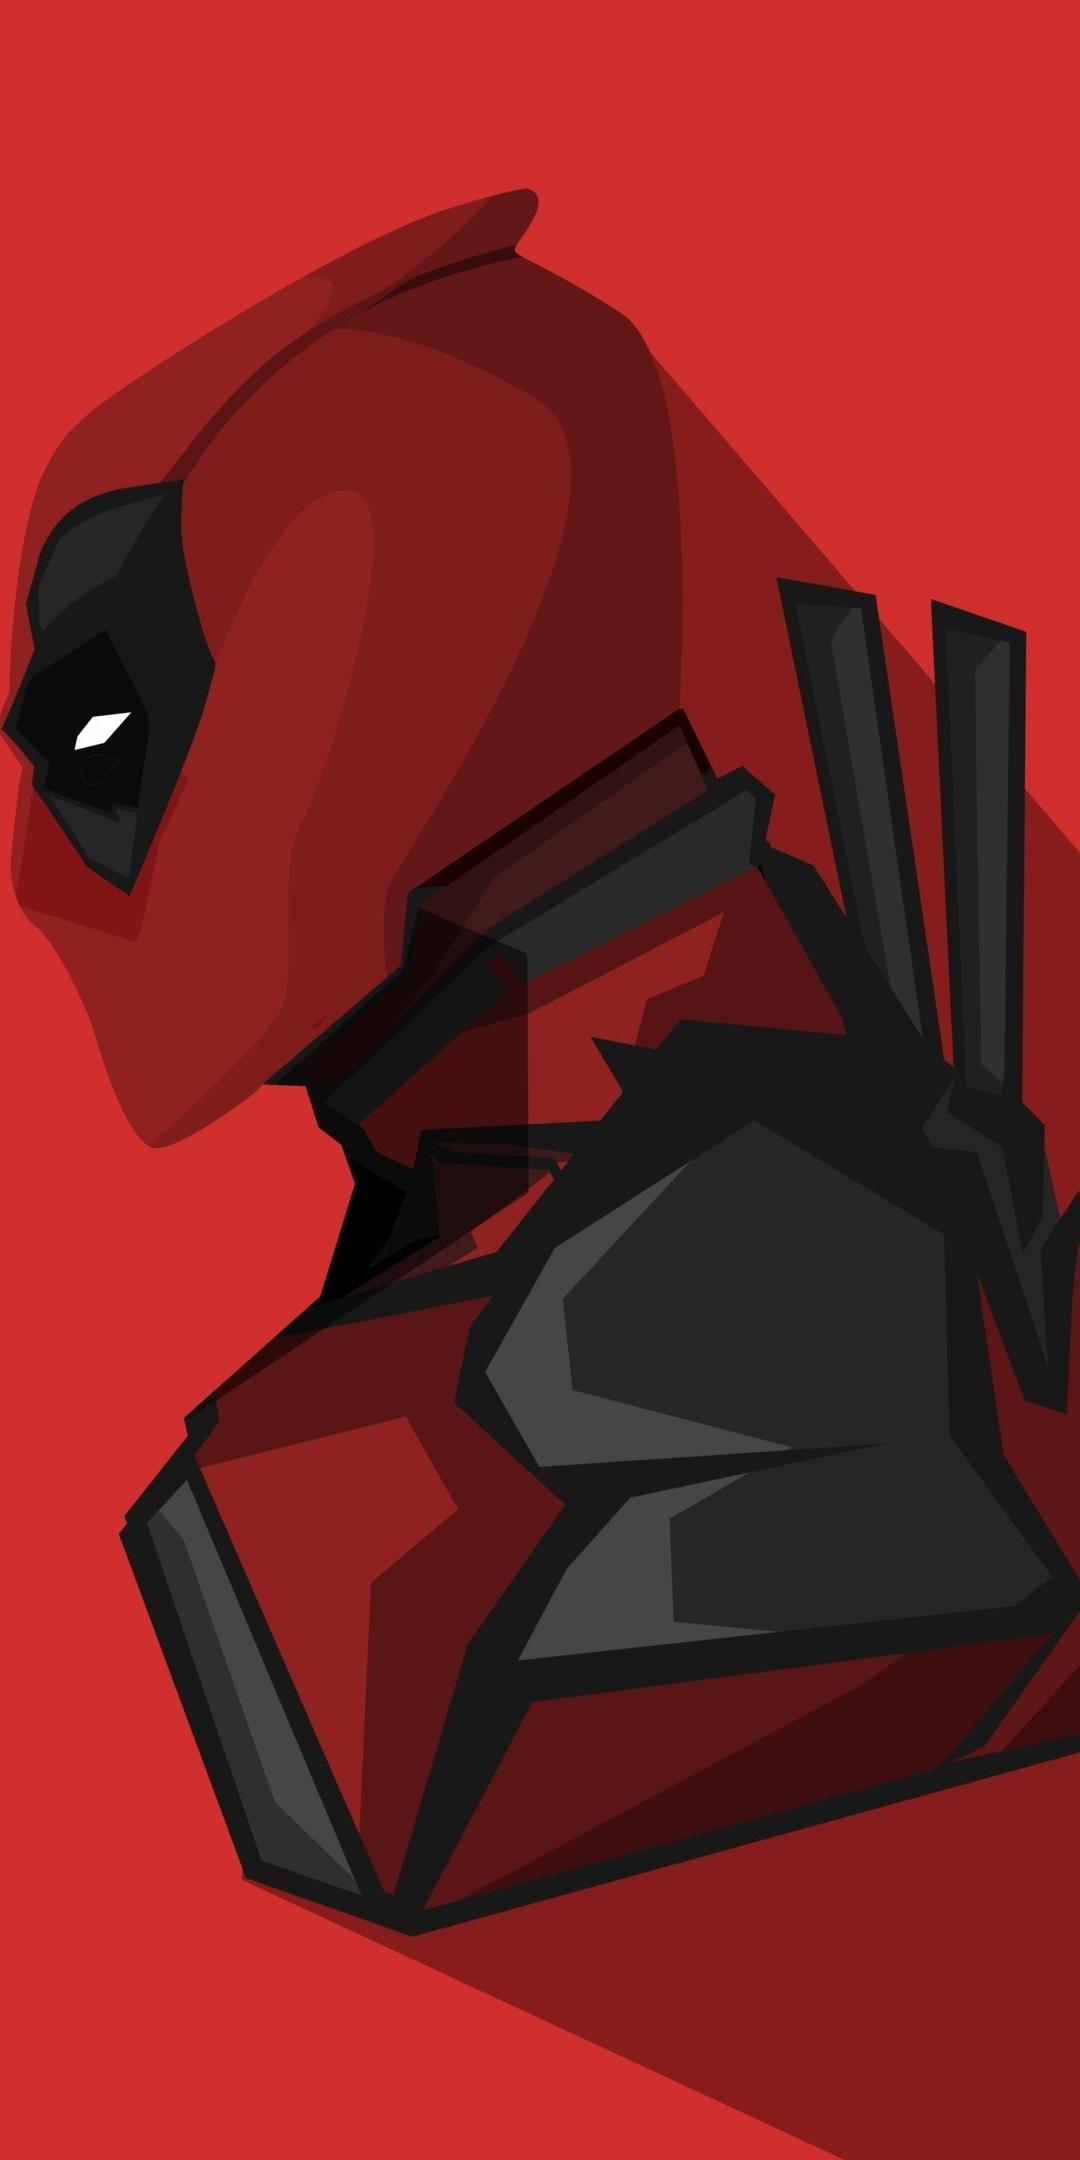 Download 1080x2160 Wallpaper Deadpool Marvel Comics Minimal Honor